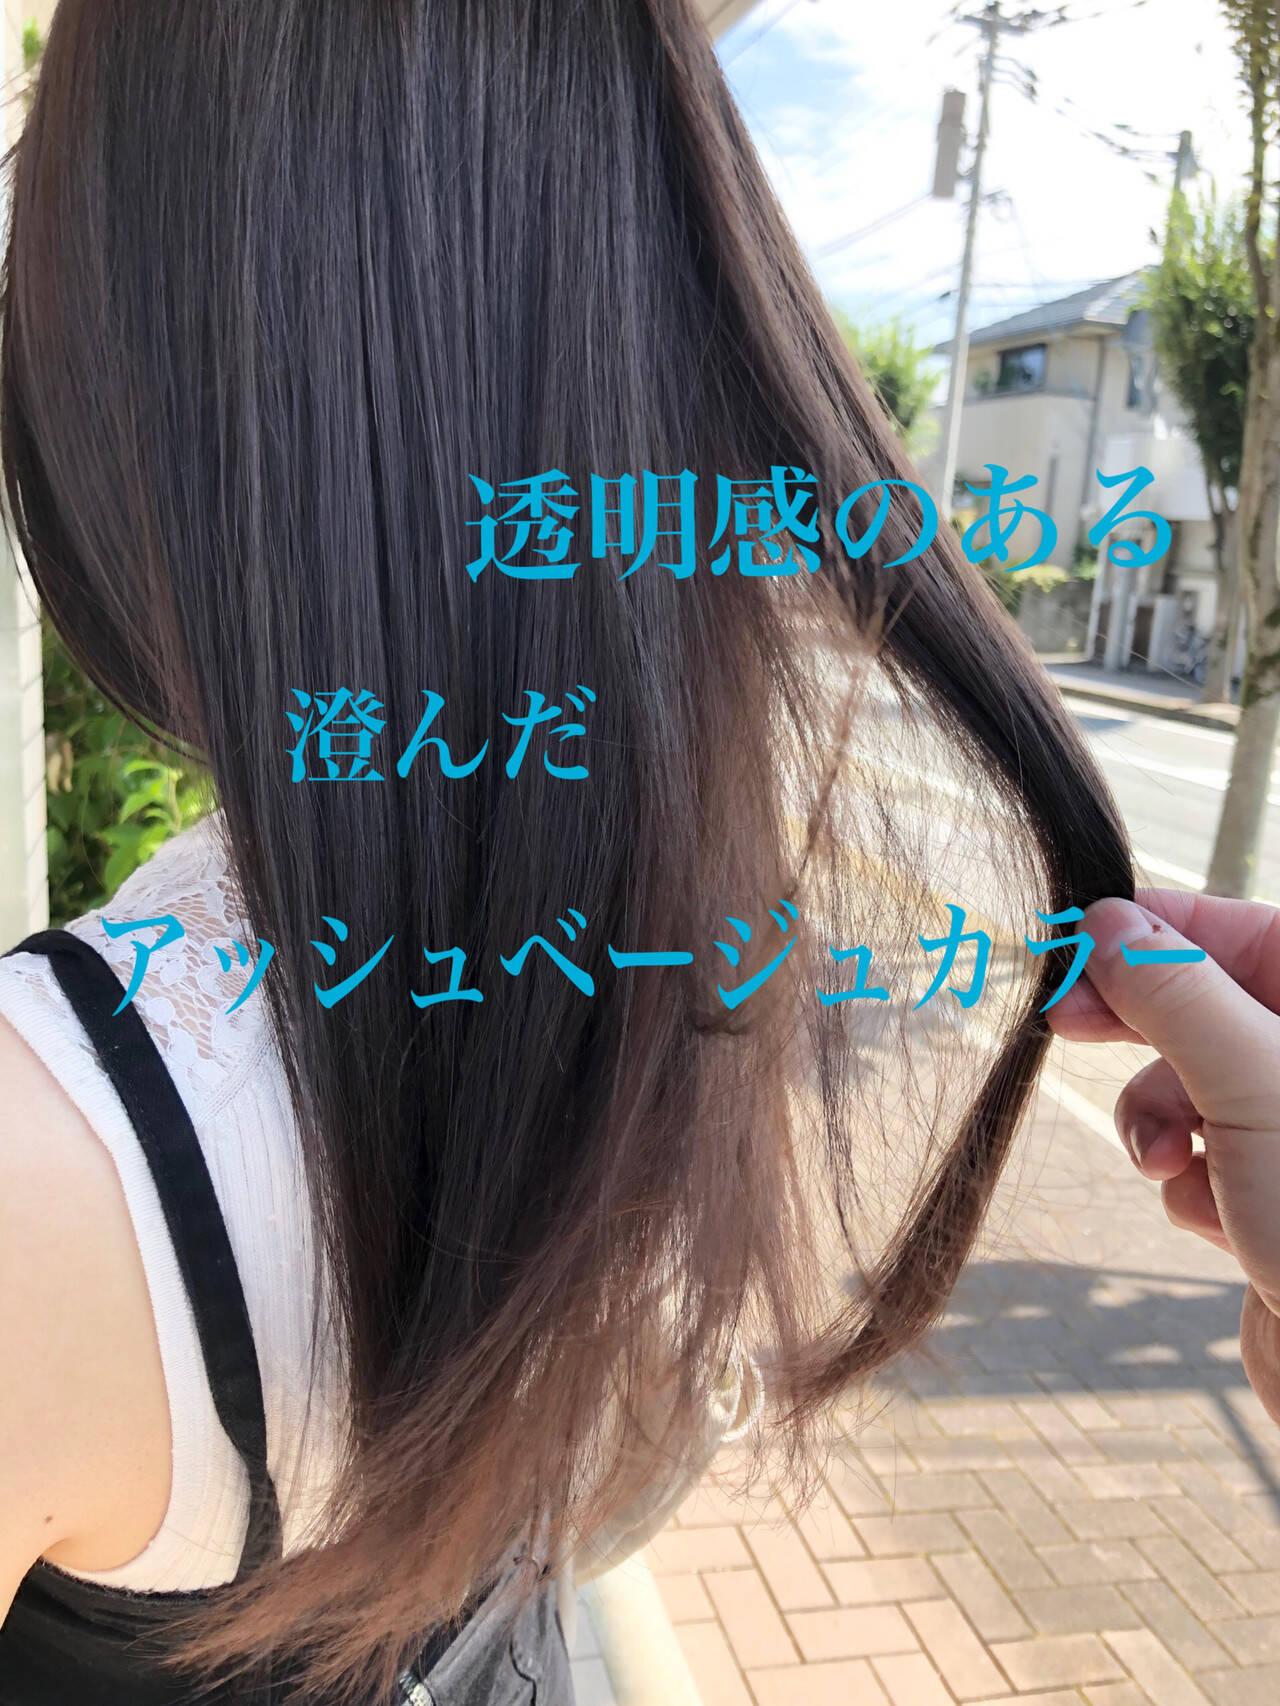 アッシュ エレガント アッシュグレージュ アッシュグレーヘアスタイルや髪型の写真・画像